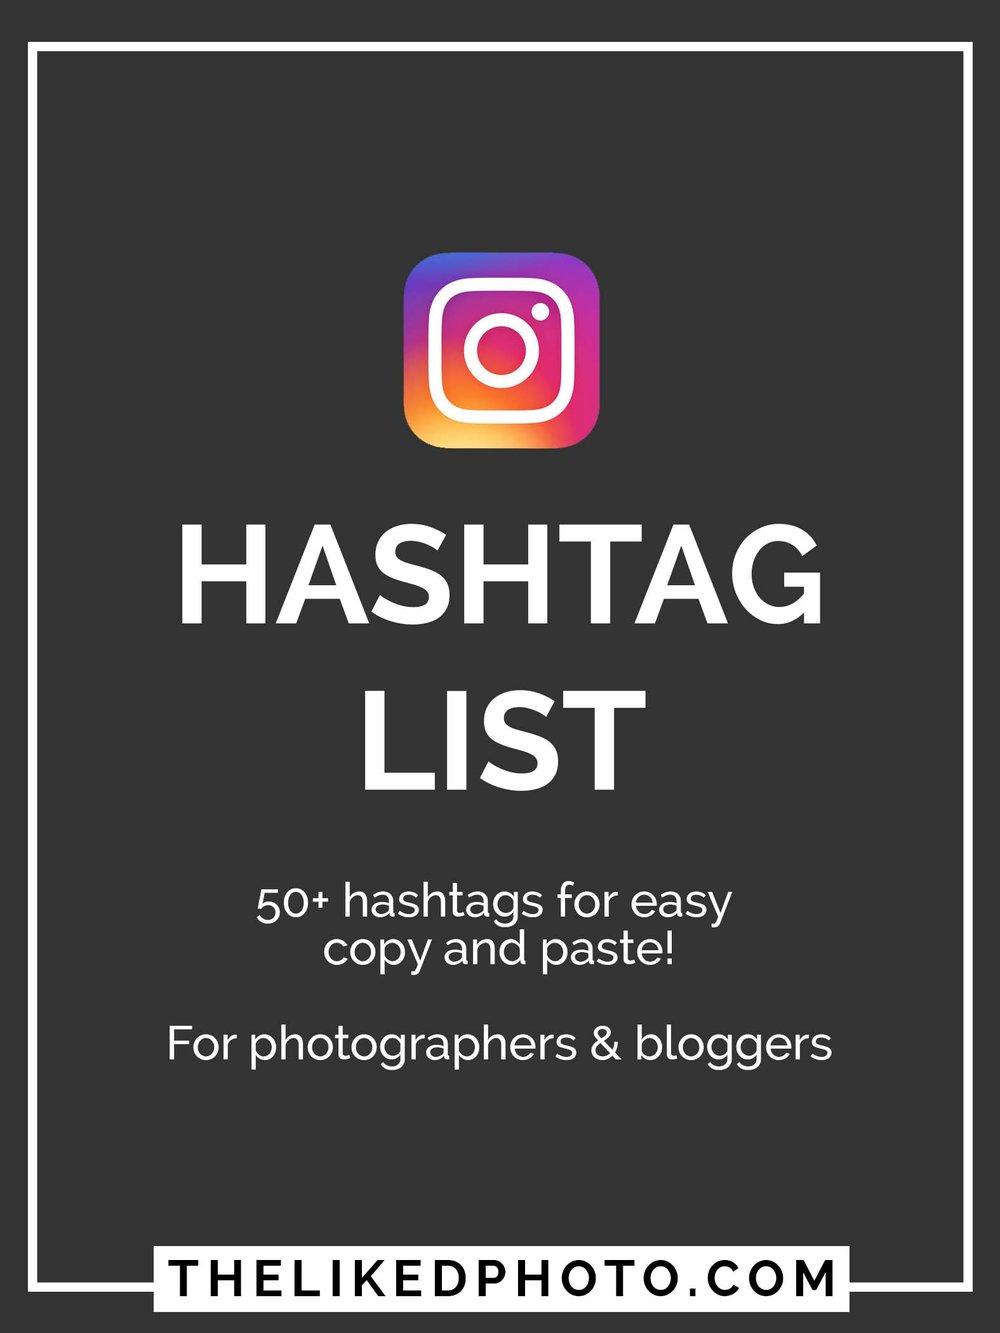 hashtaglist